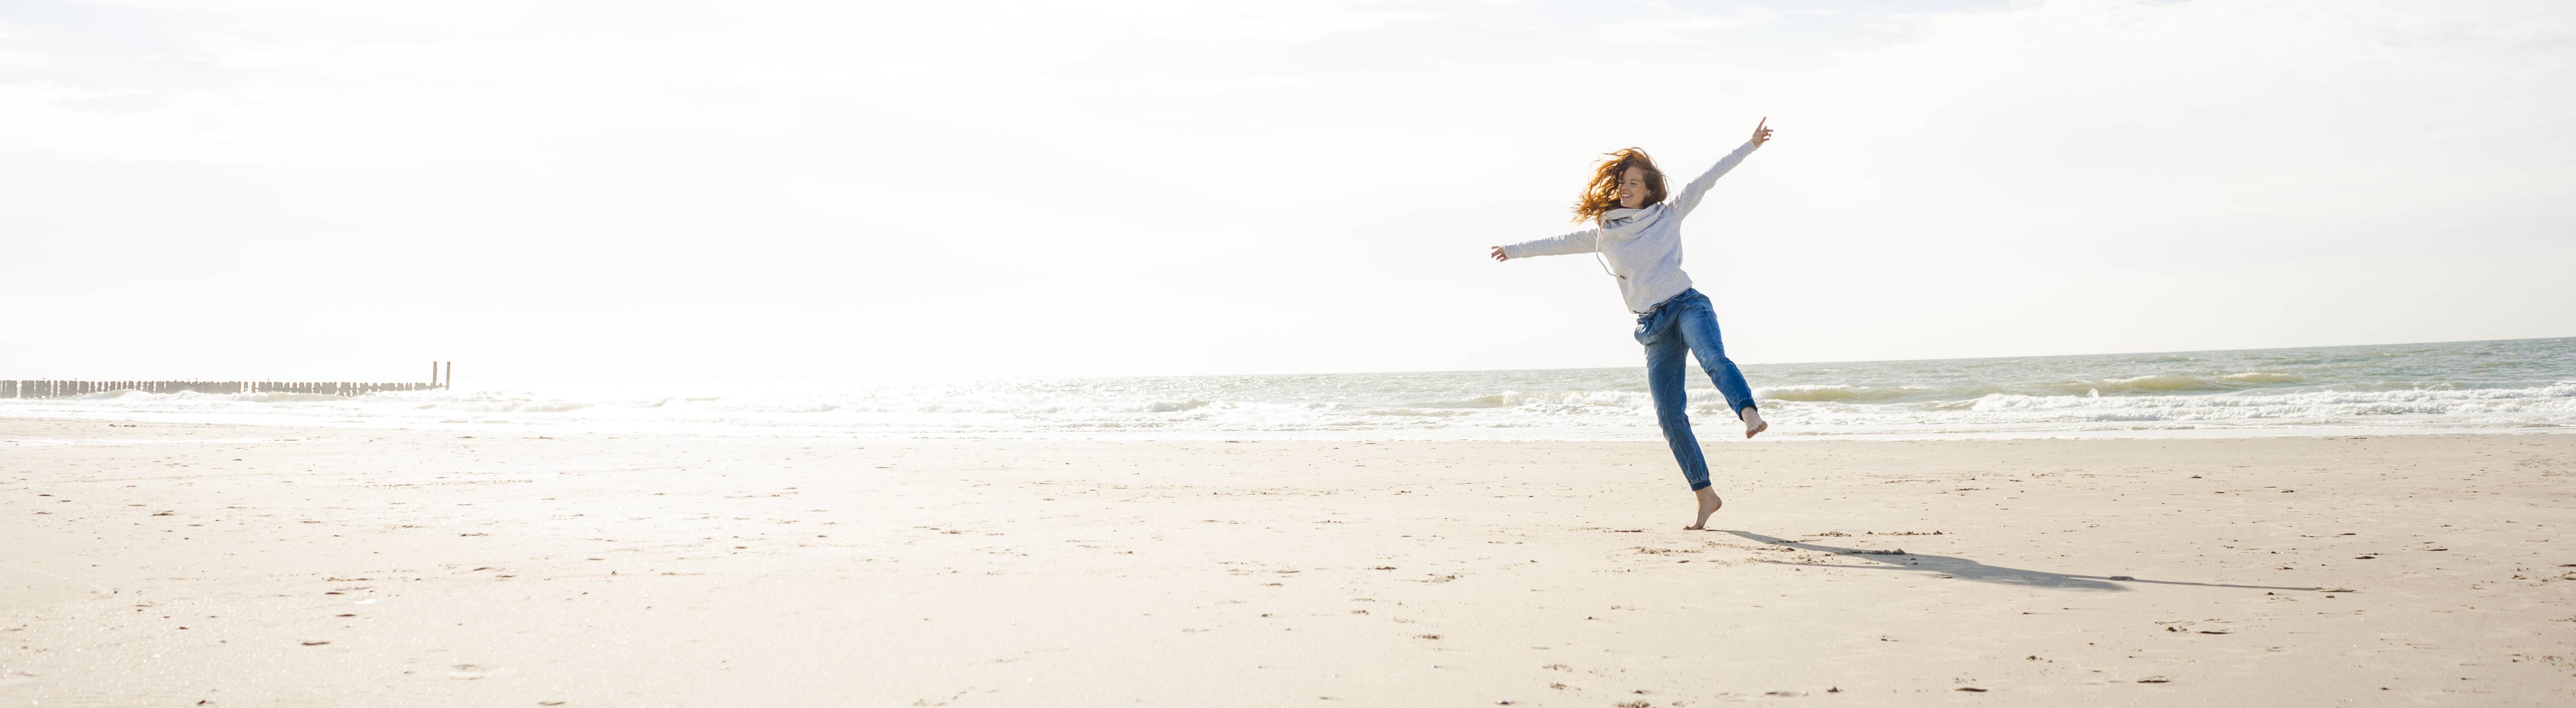 Frau tanzt allein am Strand und lacht